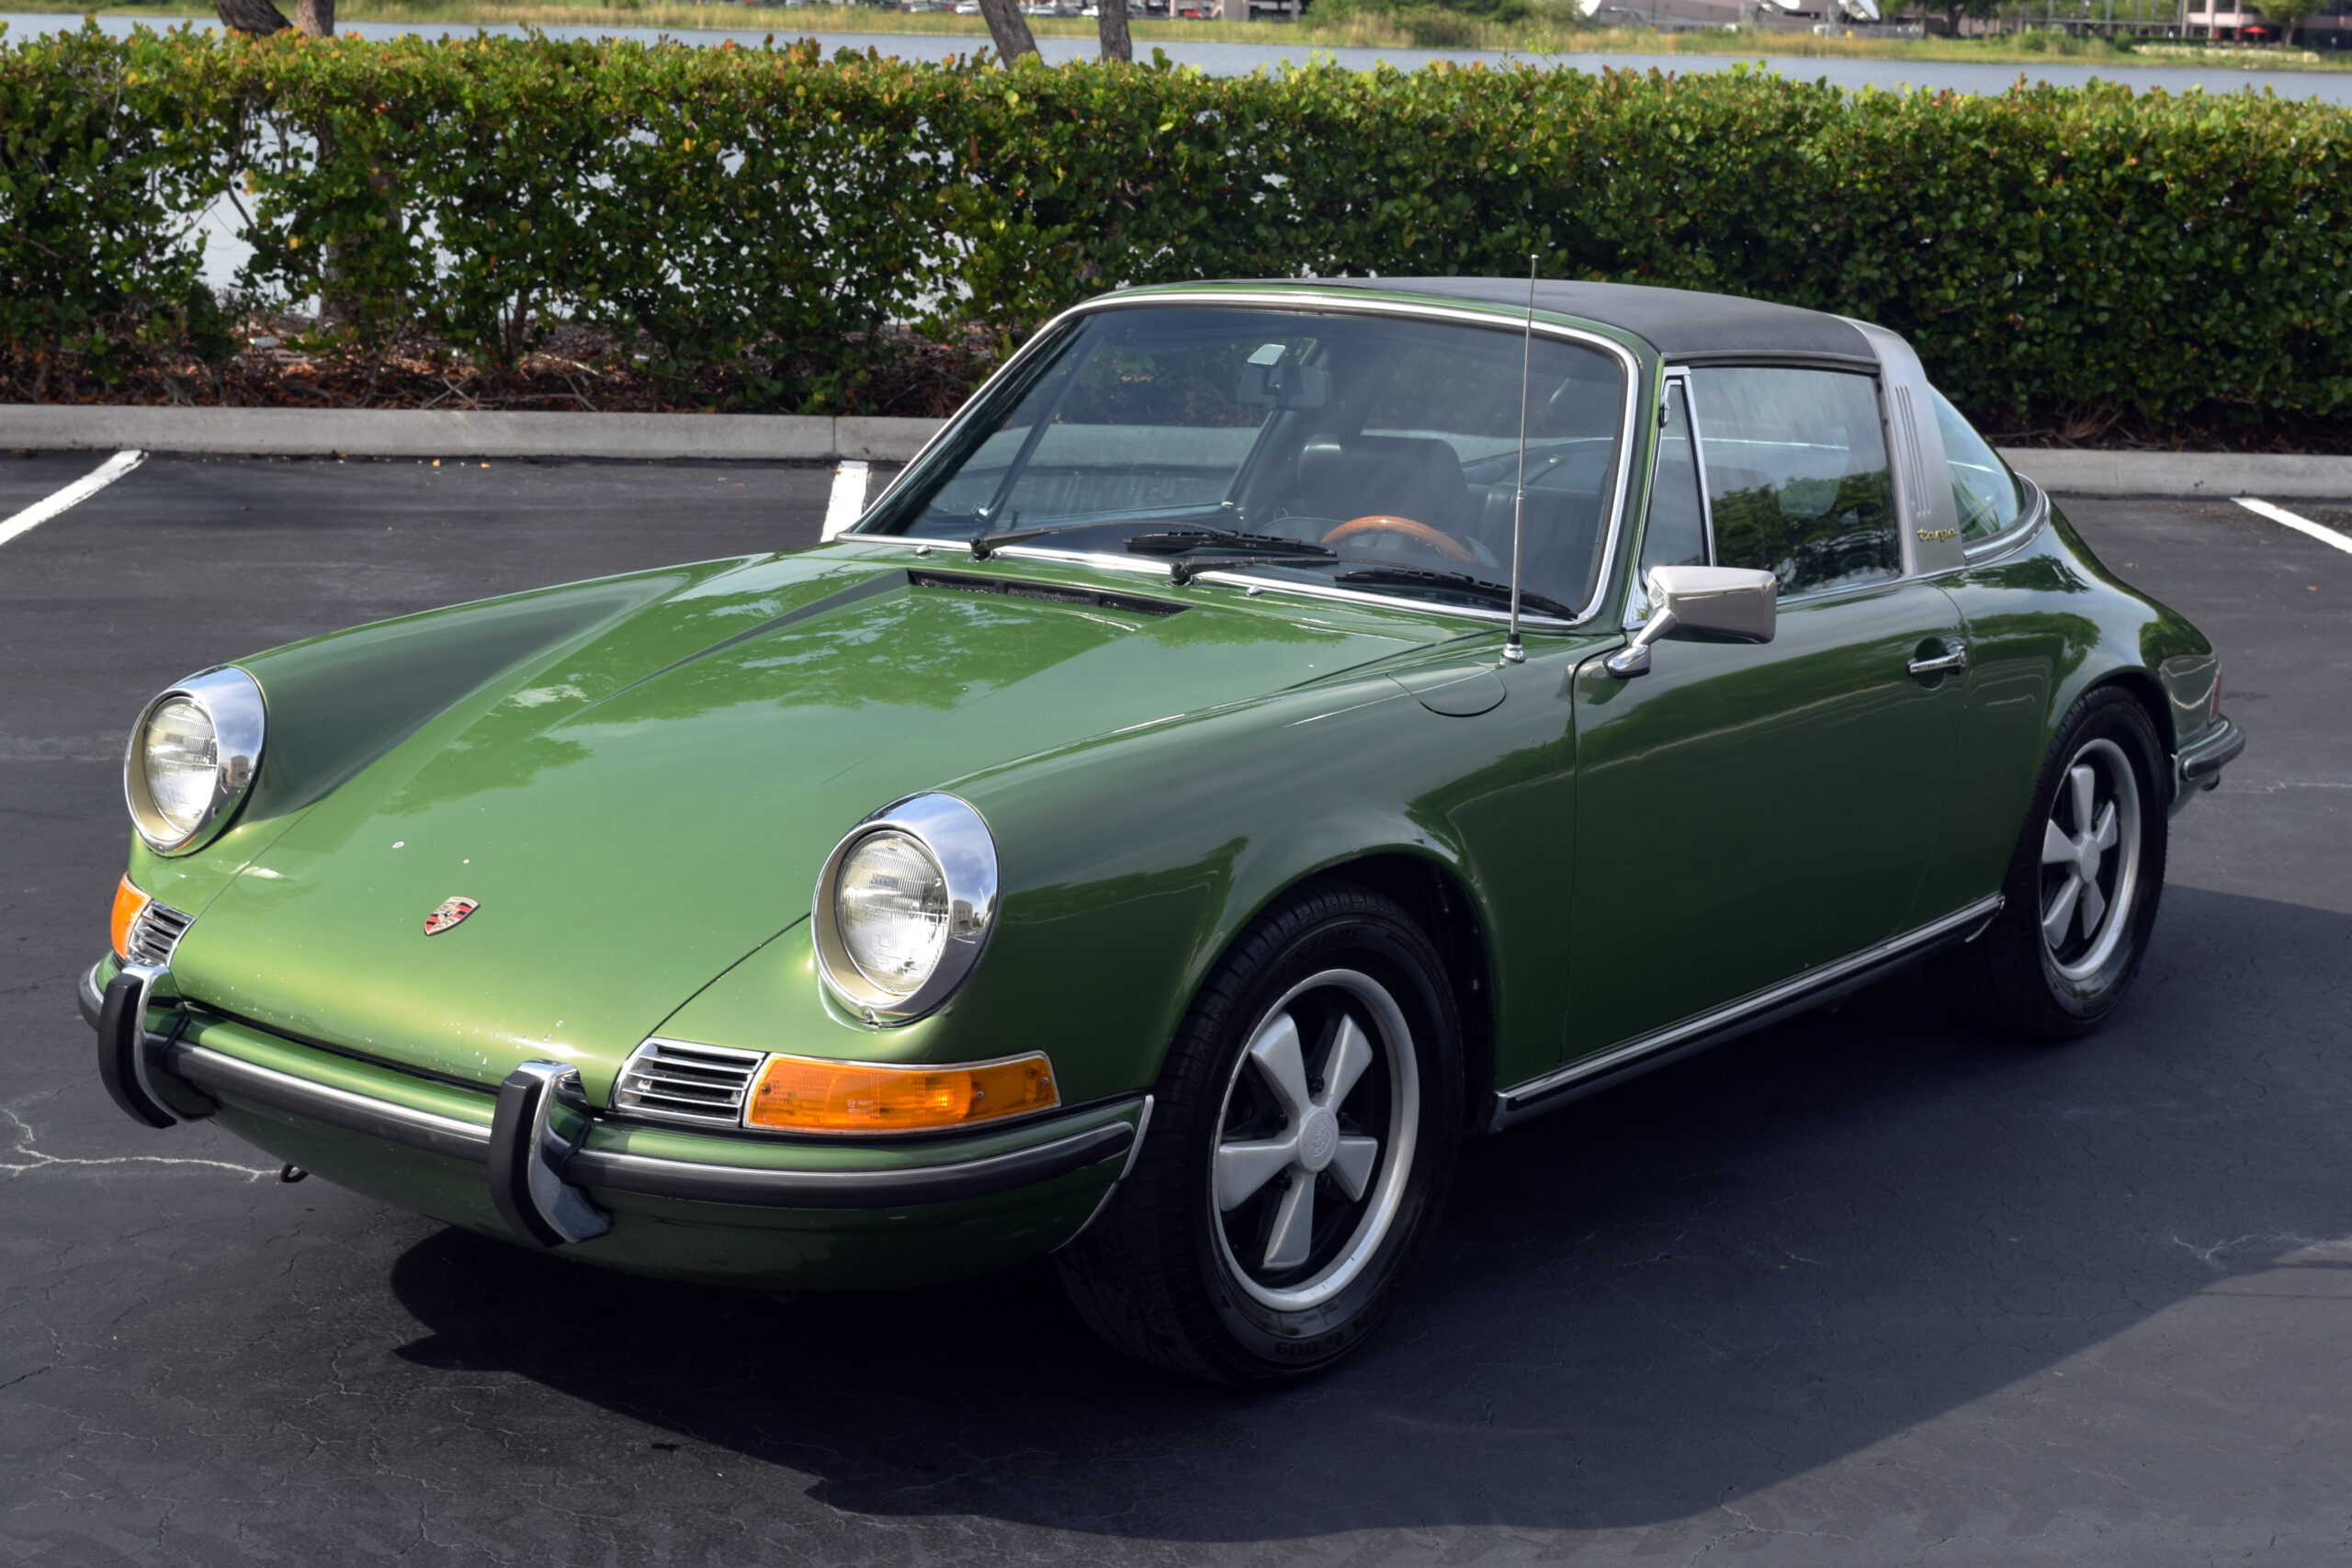 1970 ポルシェ 911E タルガトップ